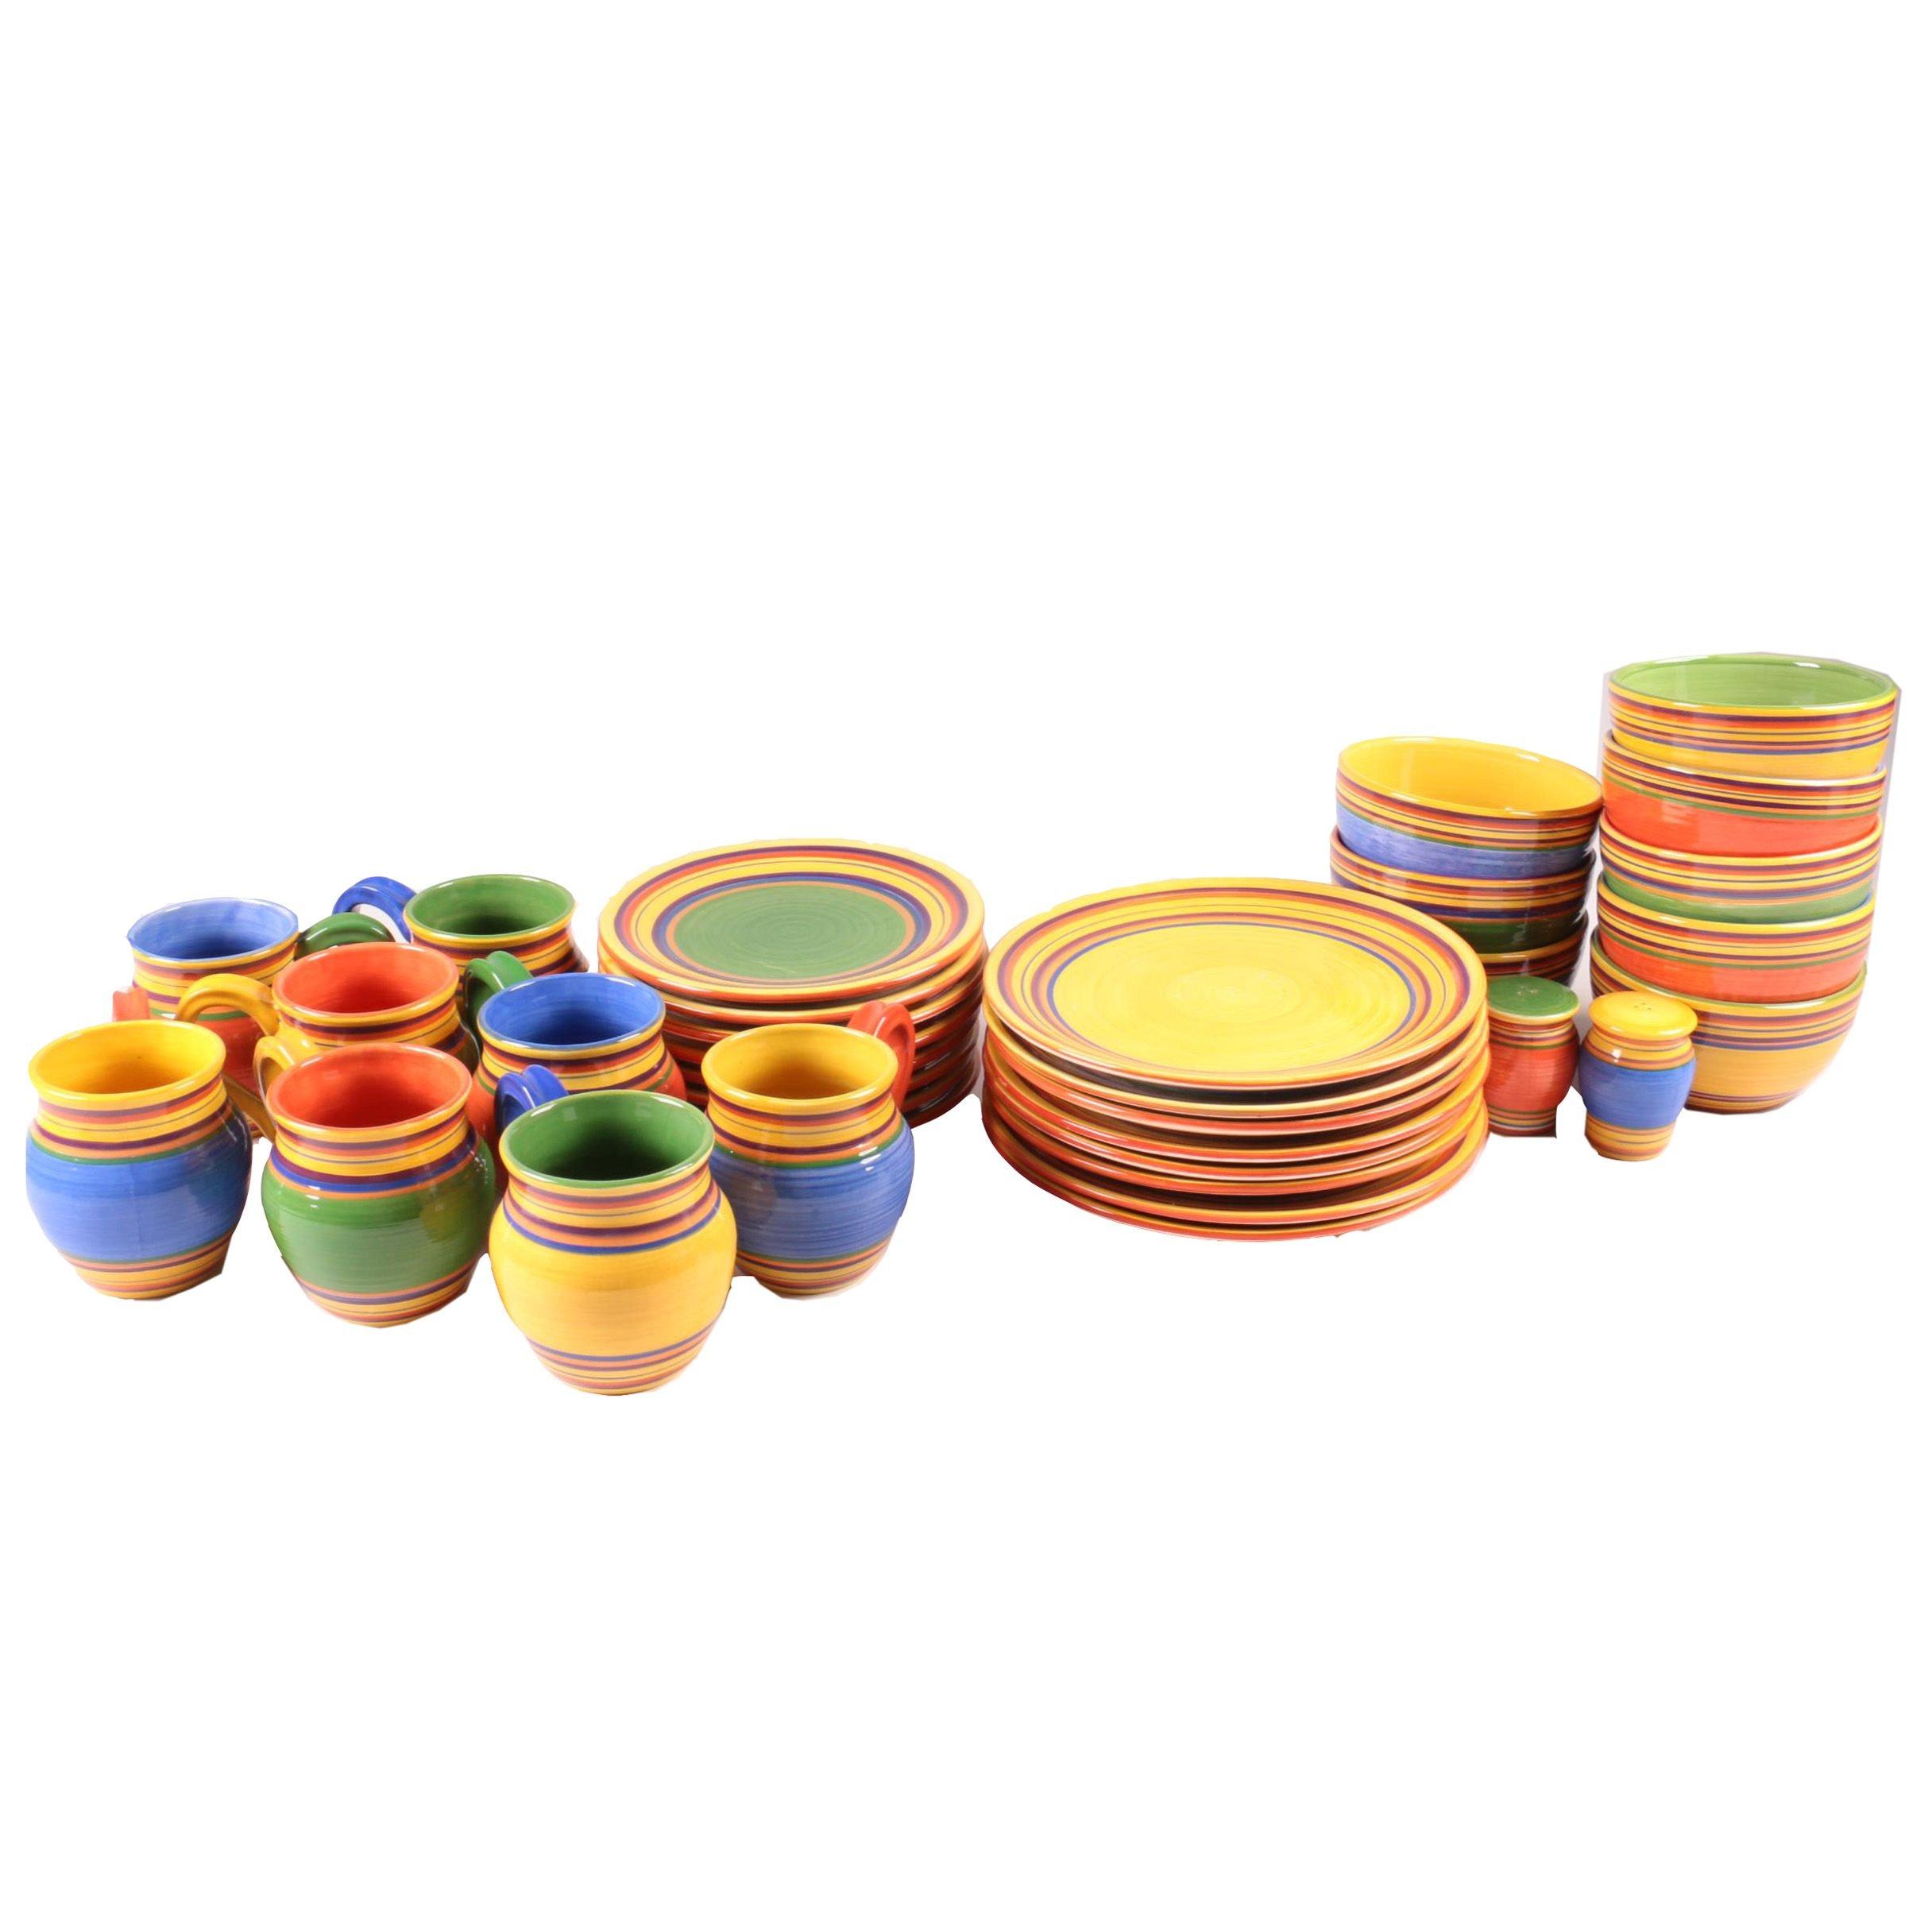 Pacific Rim Stoneware Tableware